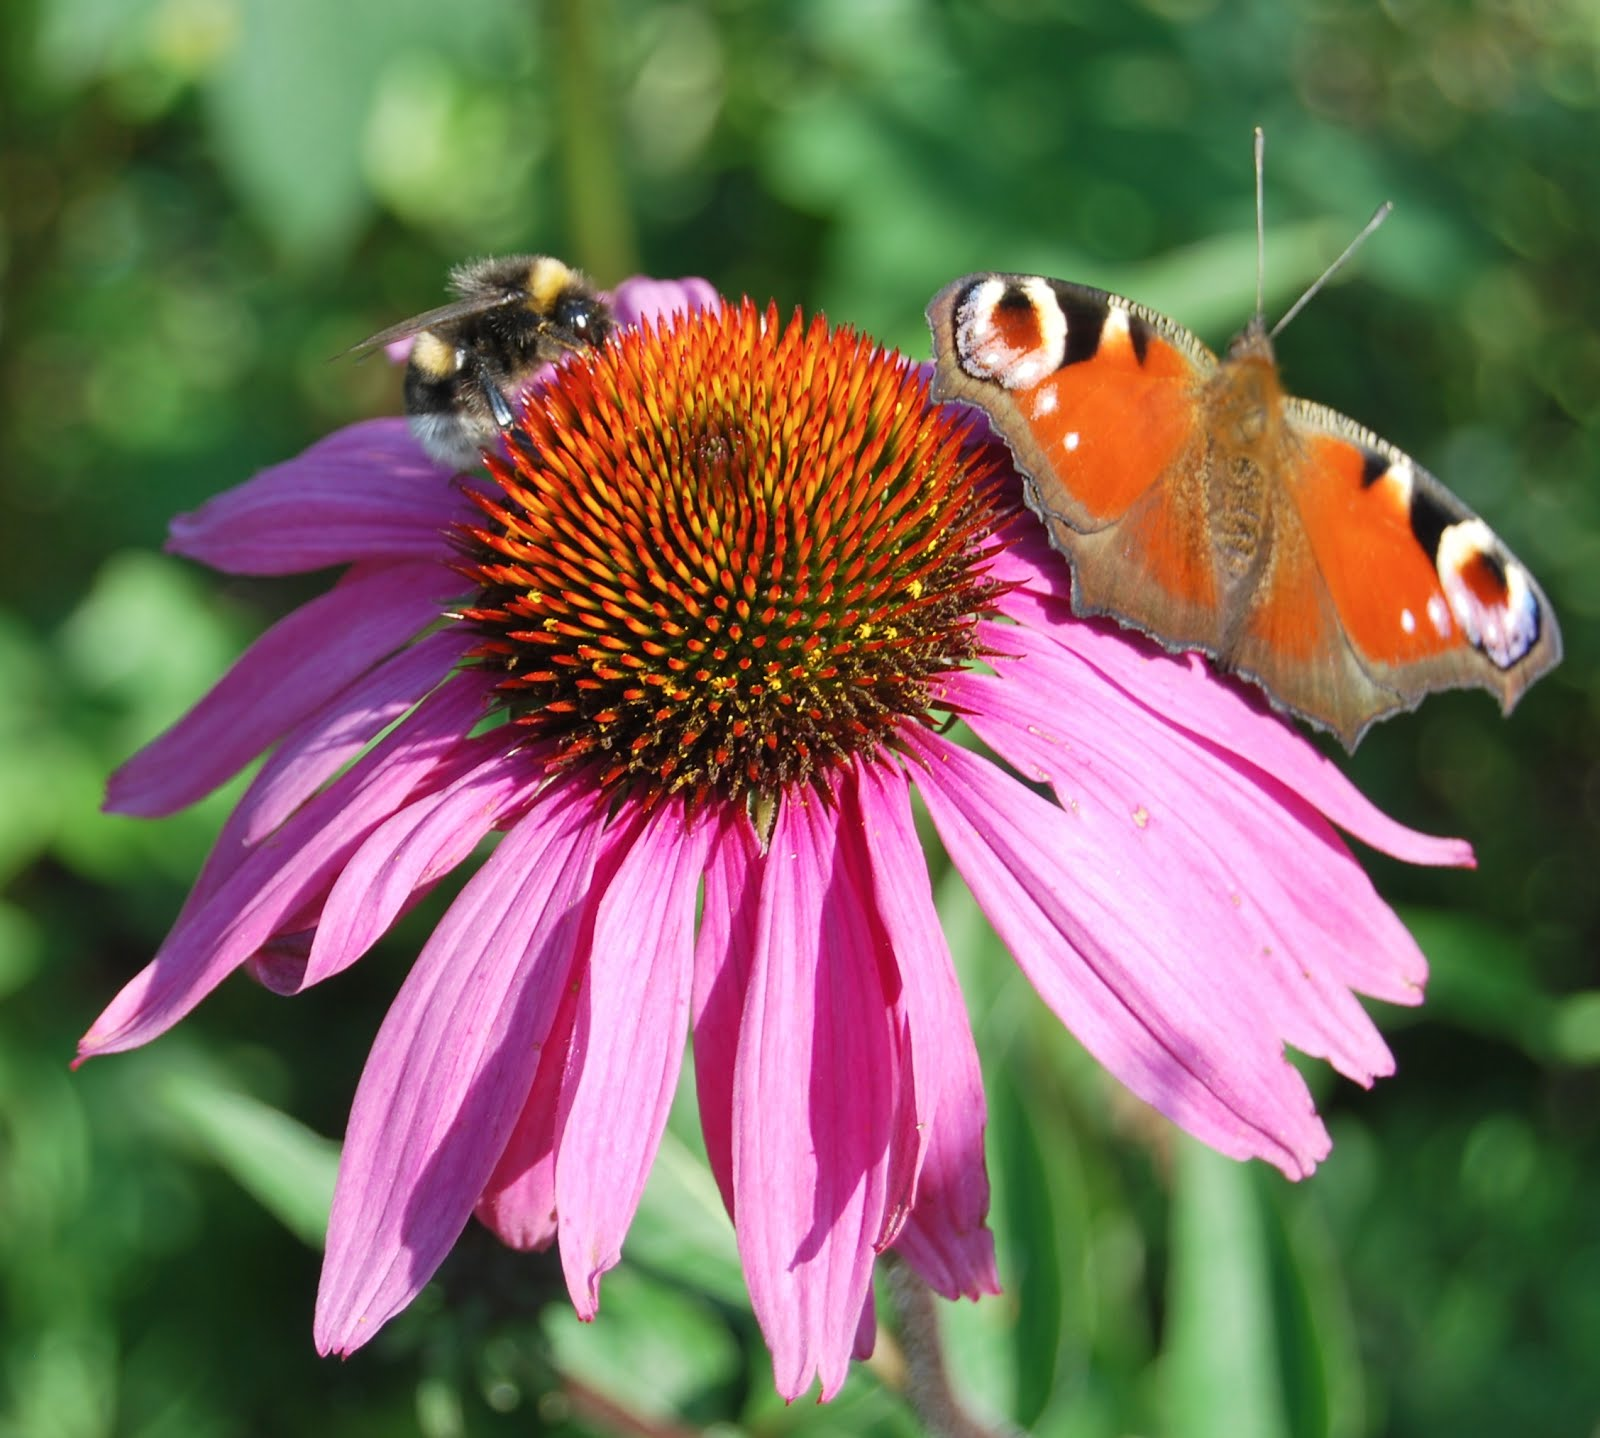 Jeg er tilmeldt: Giftfri have